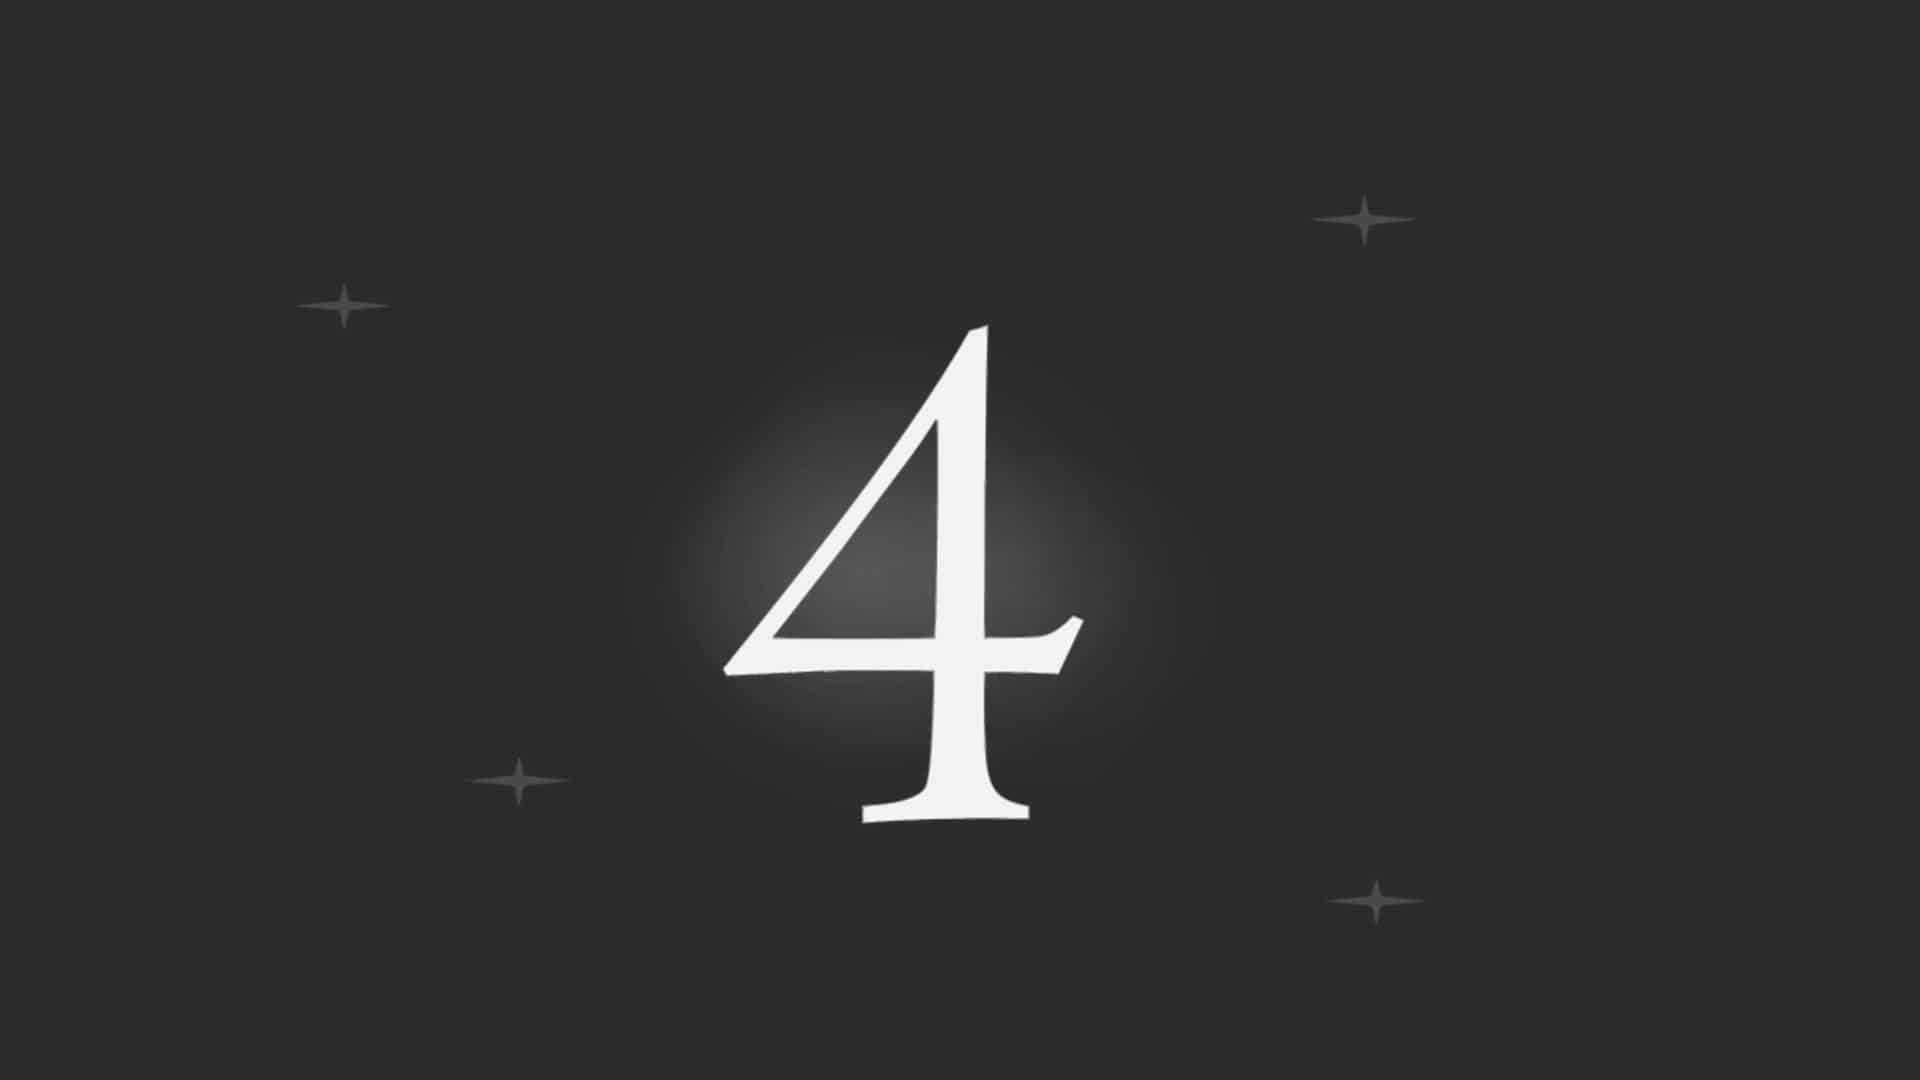 PlatinumGames lança website misterioso com o número 4